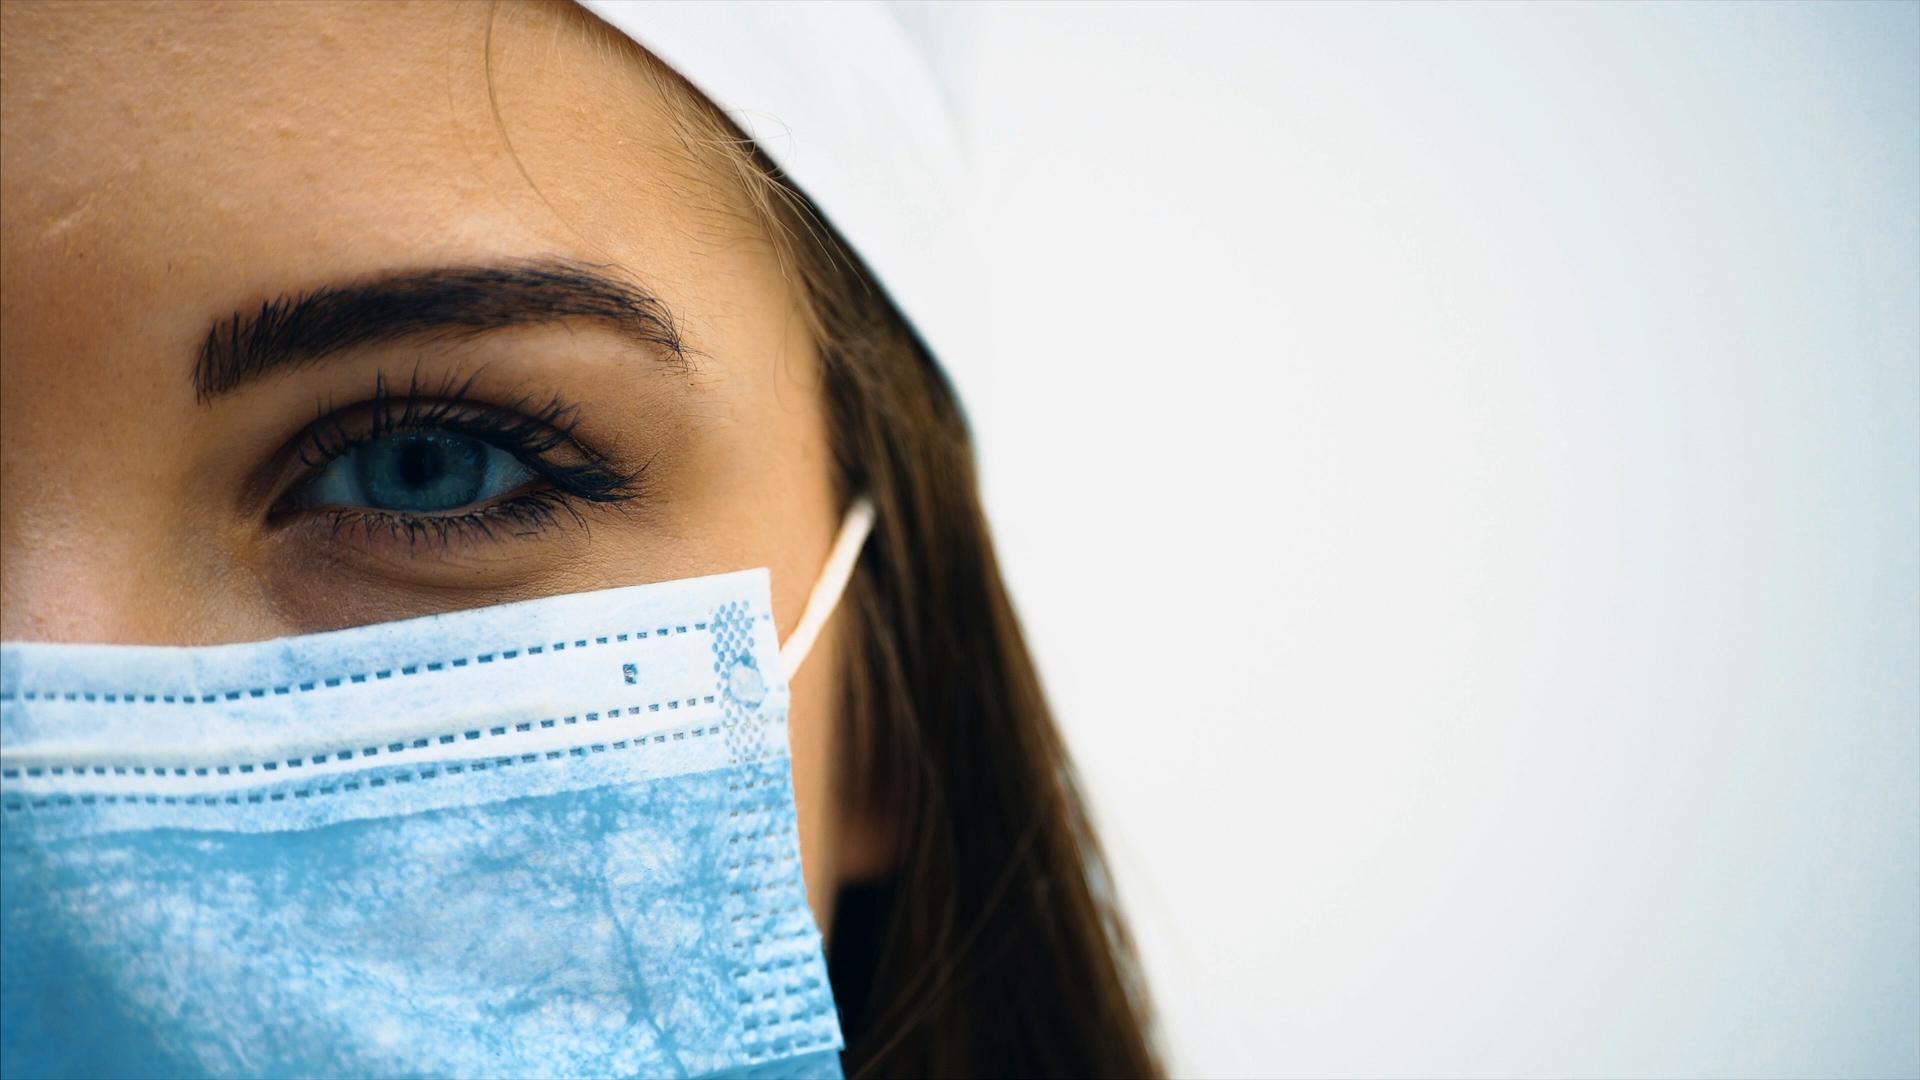 Portes et poignées hygiéniques pour hôpitaux